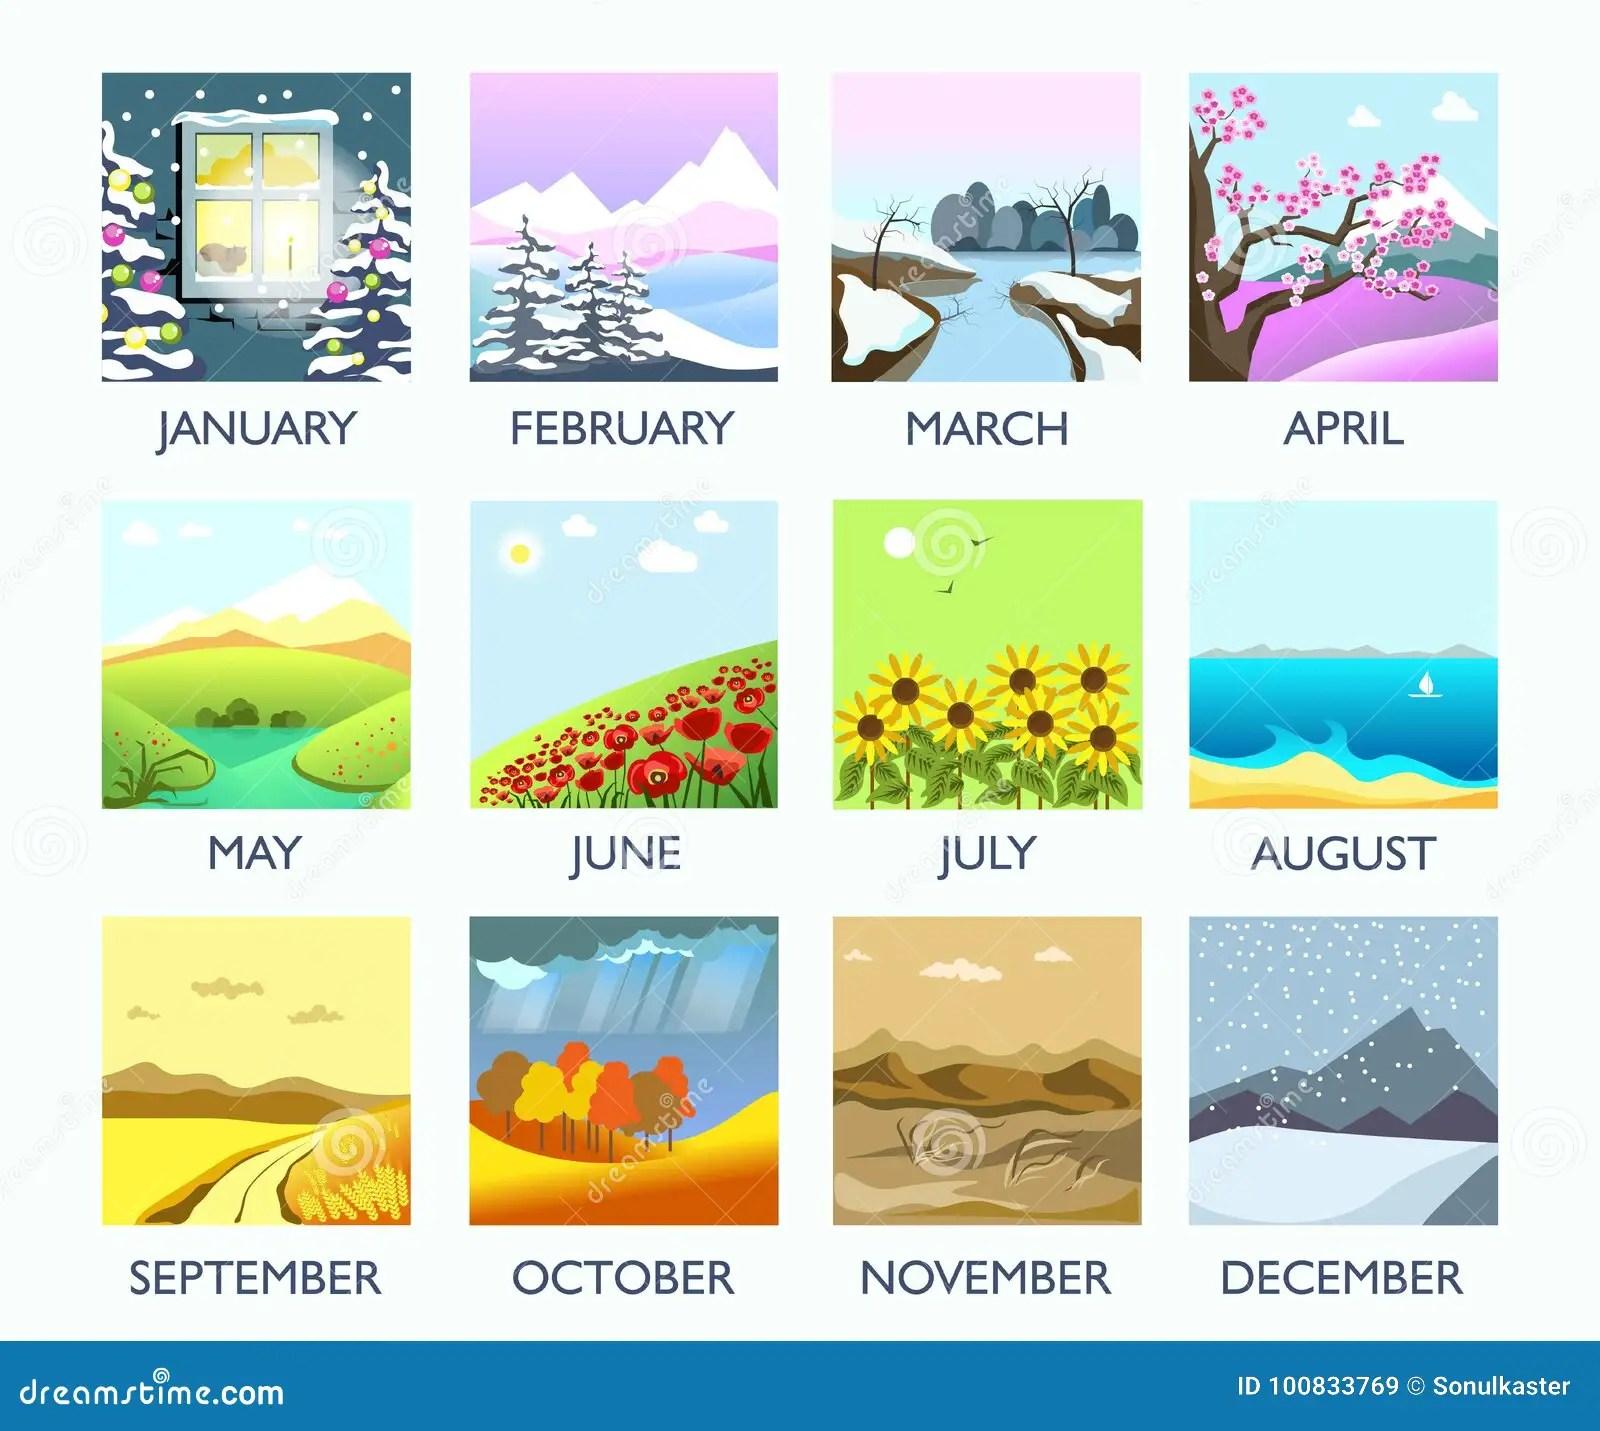 Four Seasons Month Nature Landscape Winter Summer Autumn